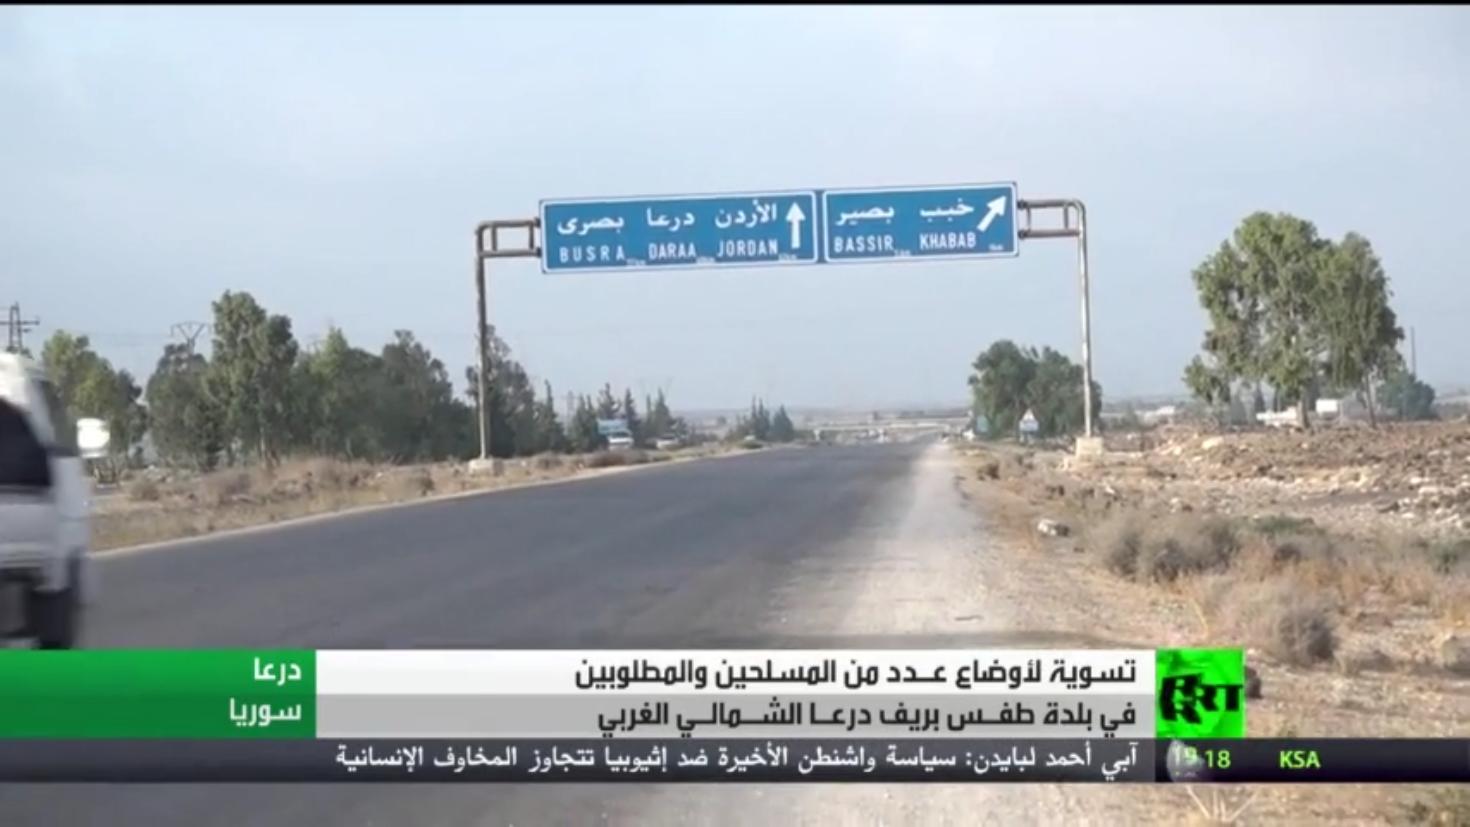 سانا: بدء عملية تسوية أوضاع مسلحين بريف درعا